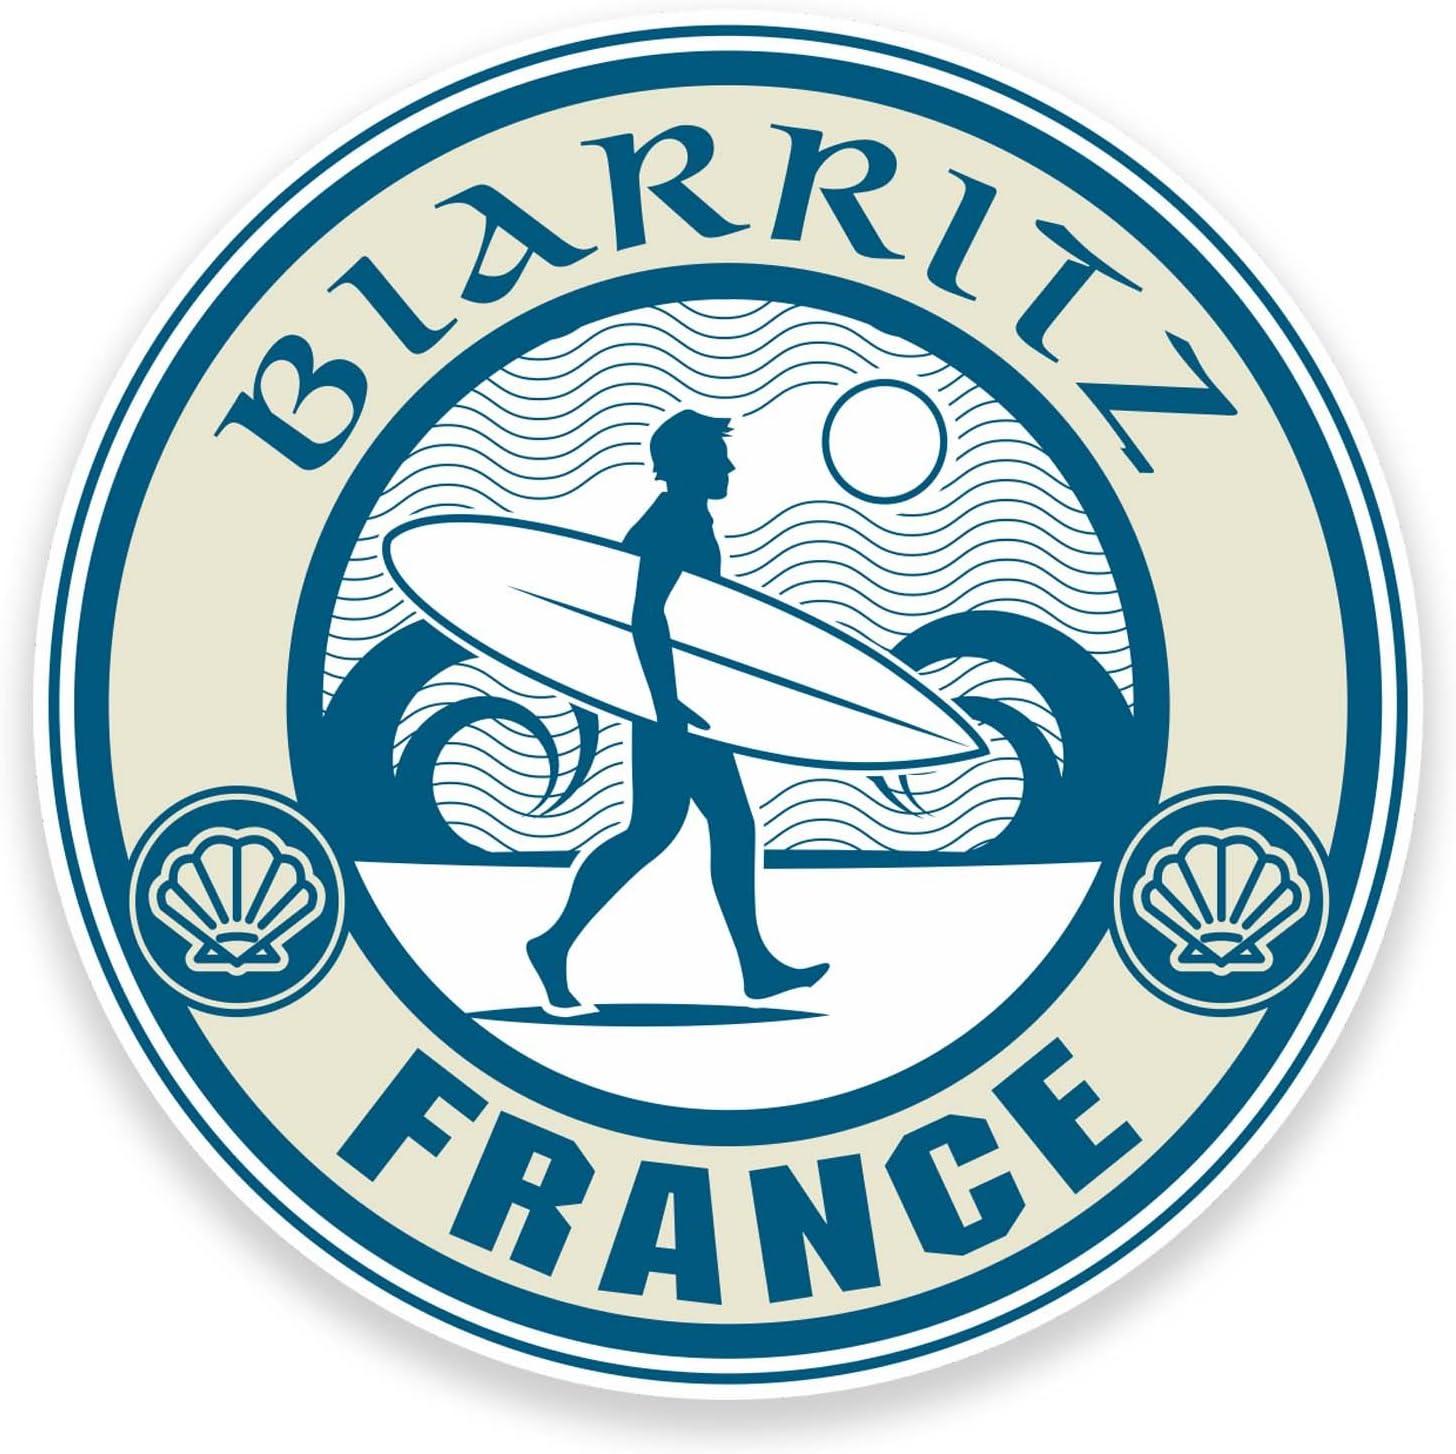 Biarritz France Lot de 2 autocollants en vinyle pour voiture ou ordinateur portable Voyage Surf Cool #9244 10 cm de large x 10 cm de haut